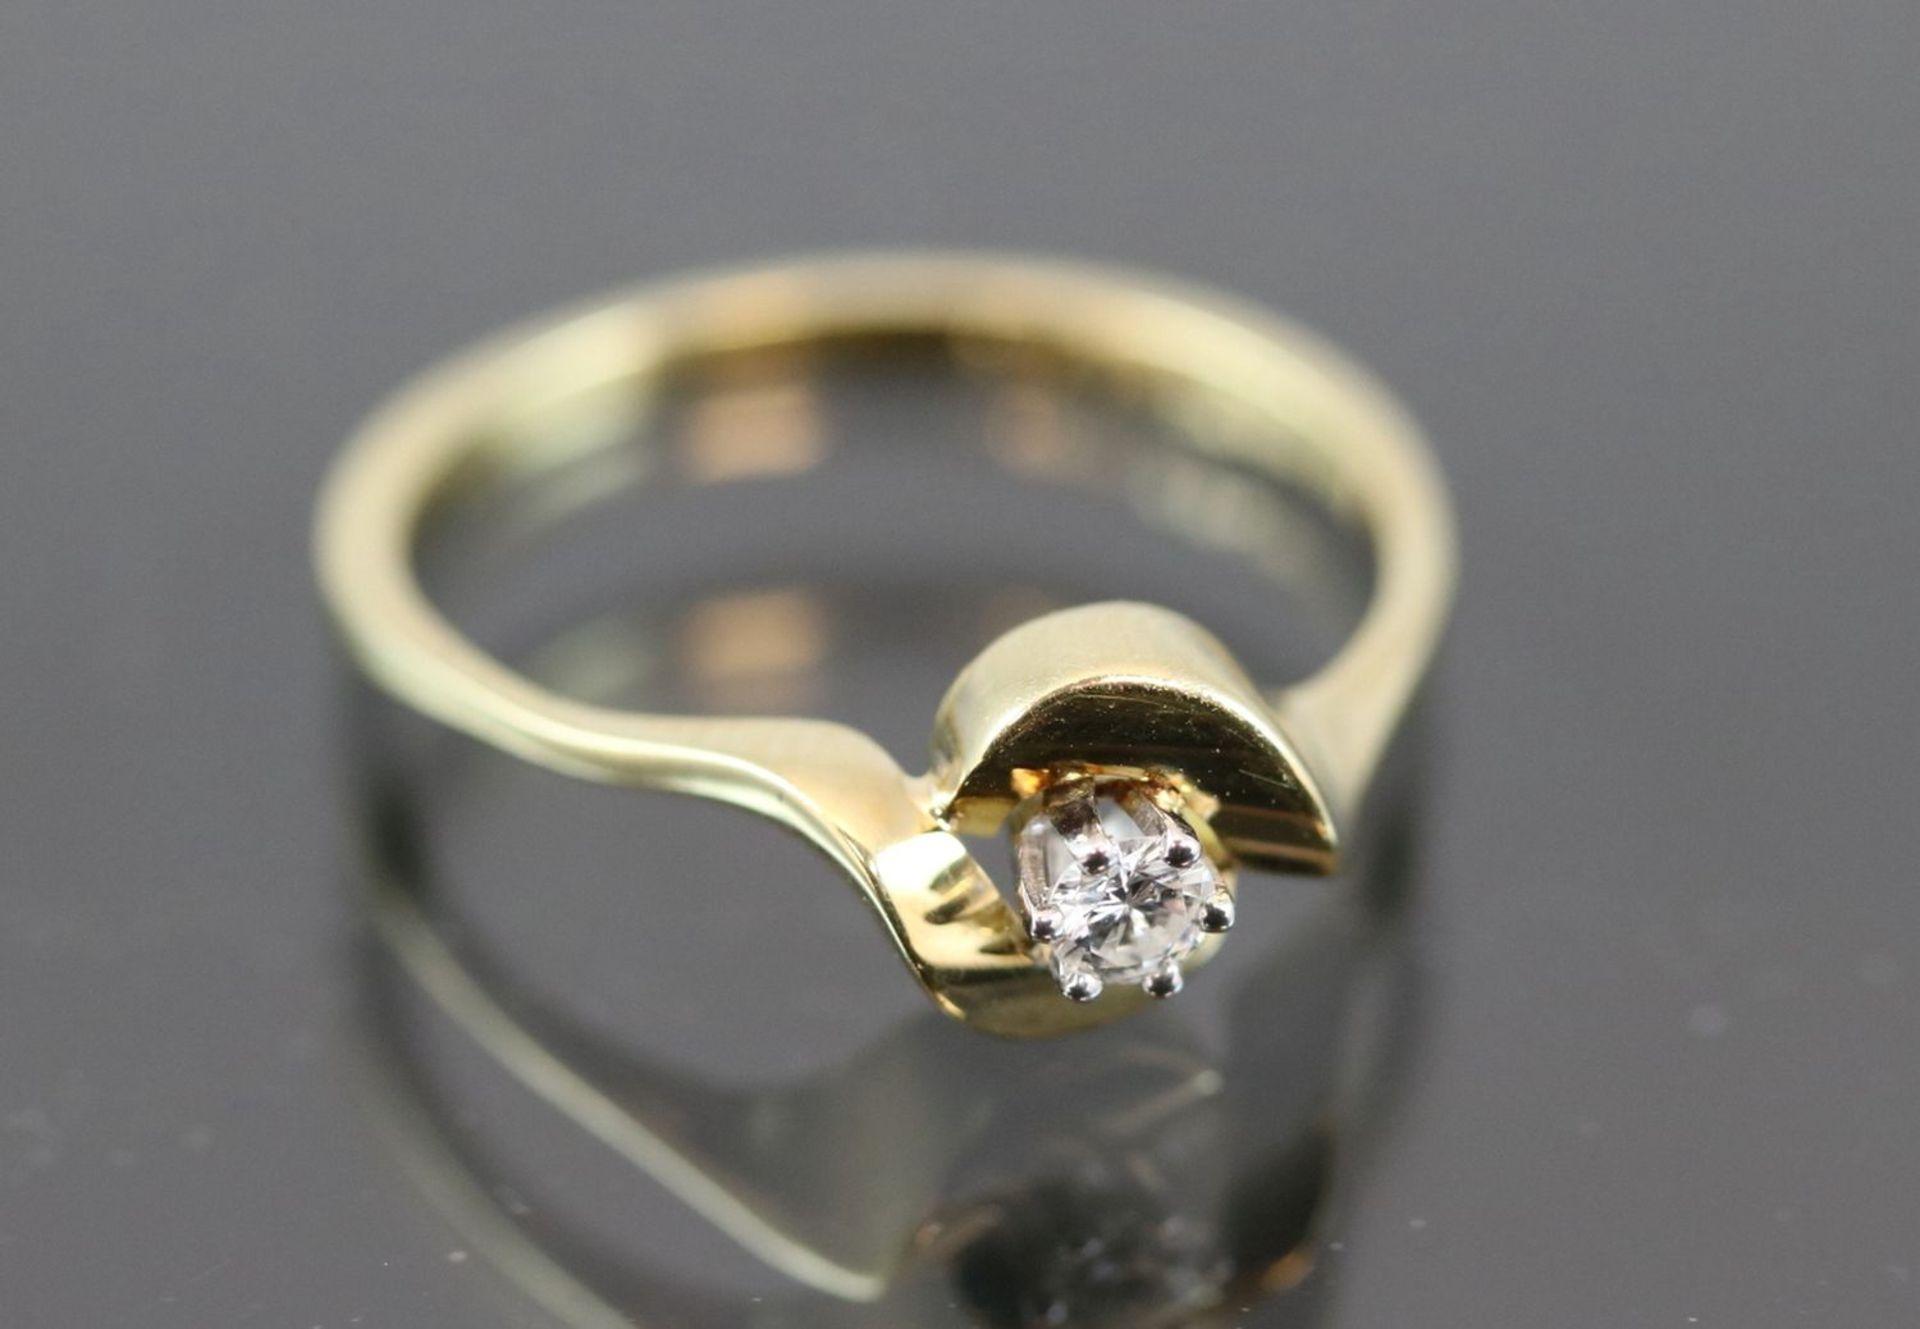 Los 3 - Brillant-Ring, 585 Gelbgold2,3 Gramm 1 Brillant, 0,09 ct., w/si. Ringgröße: 53Schätzpreis: 600,-